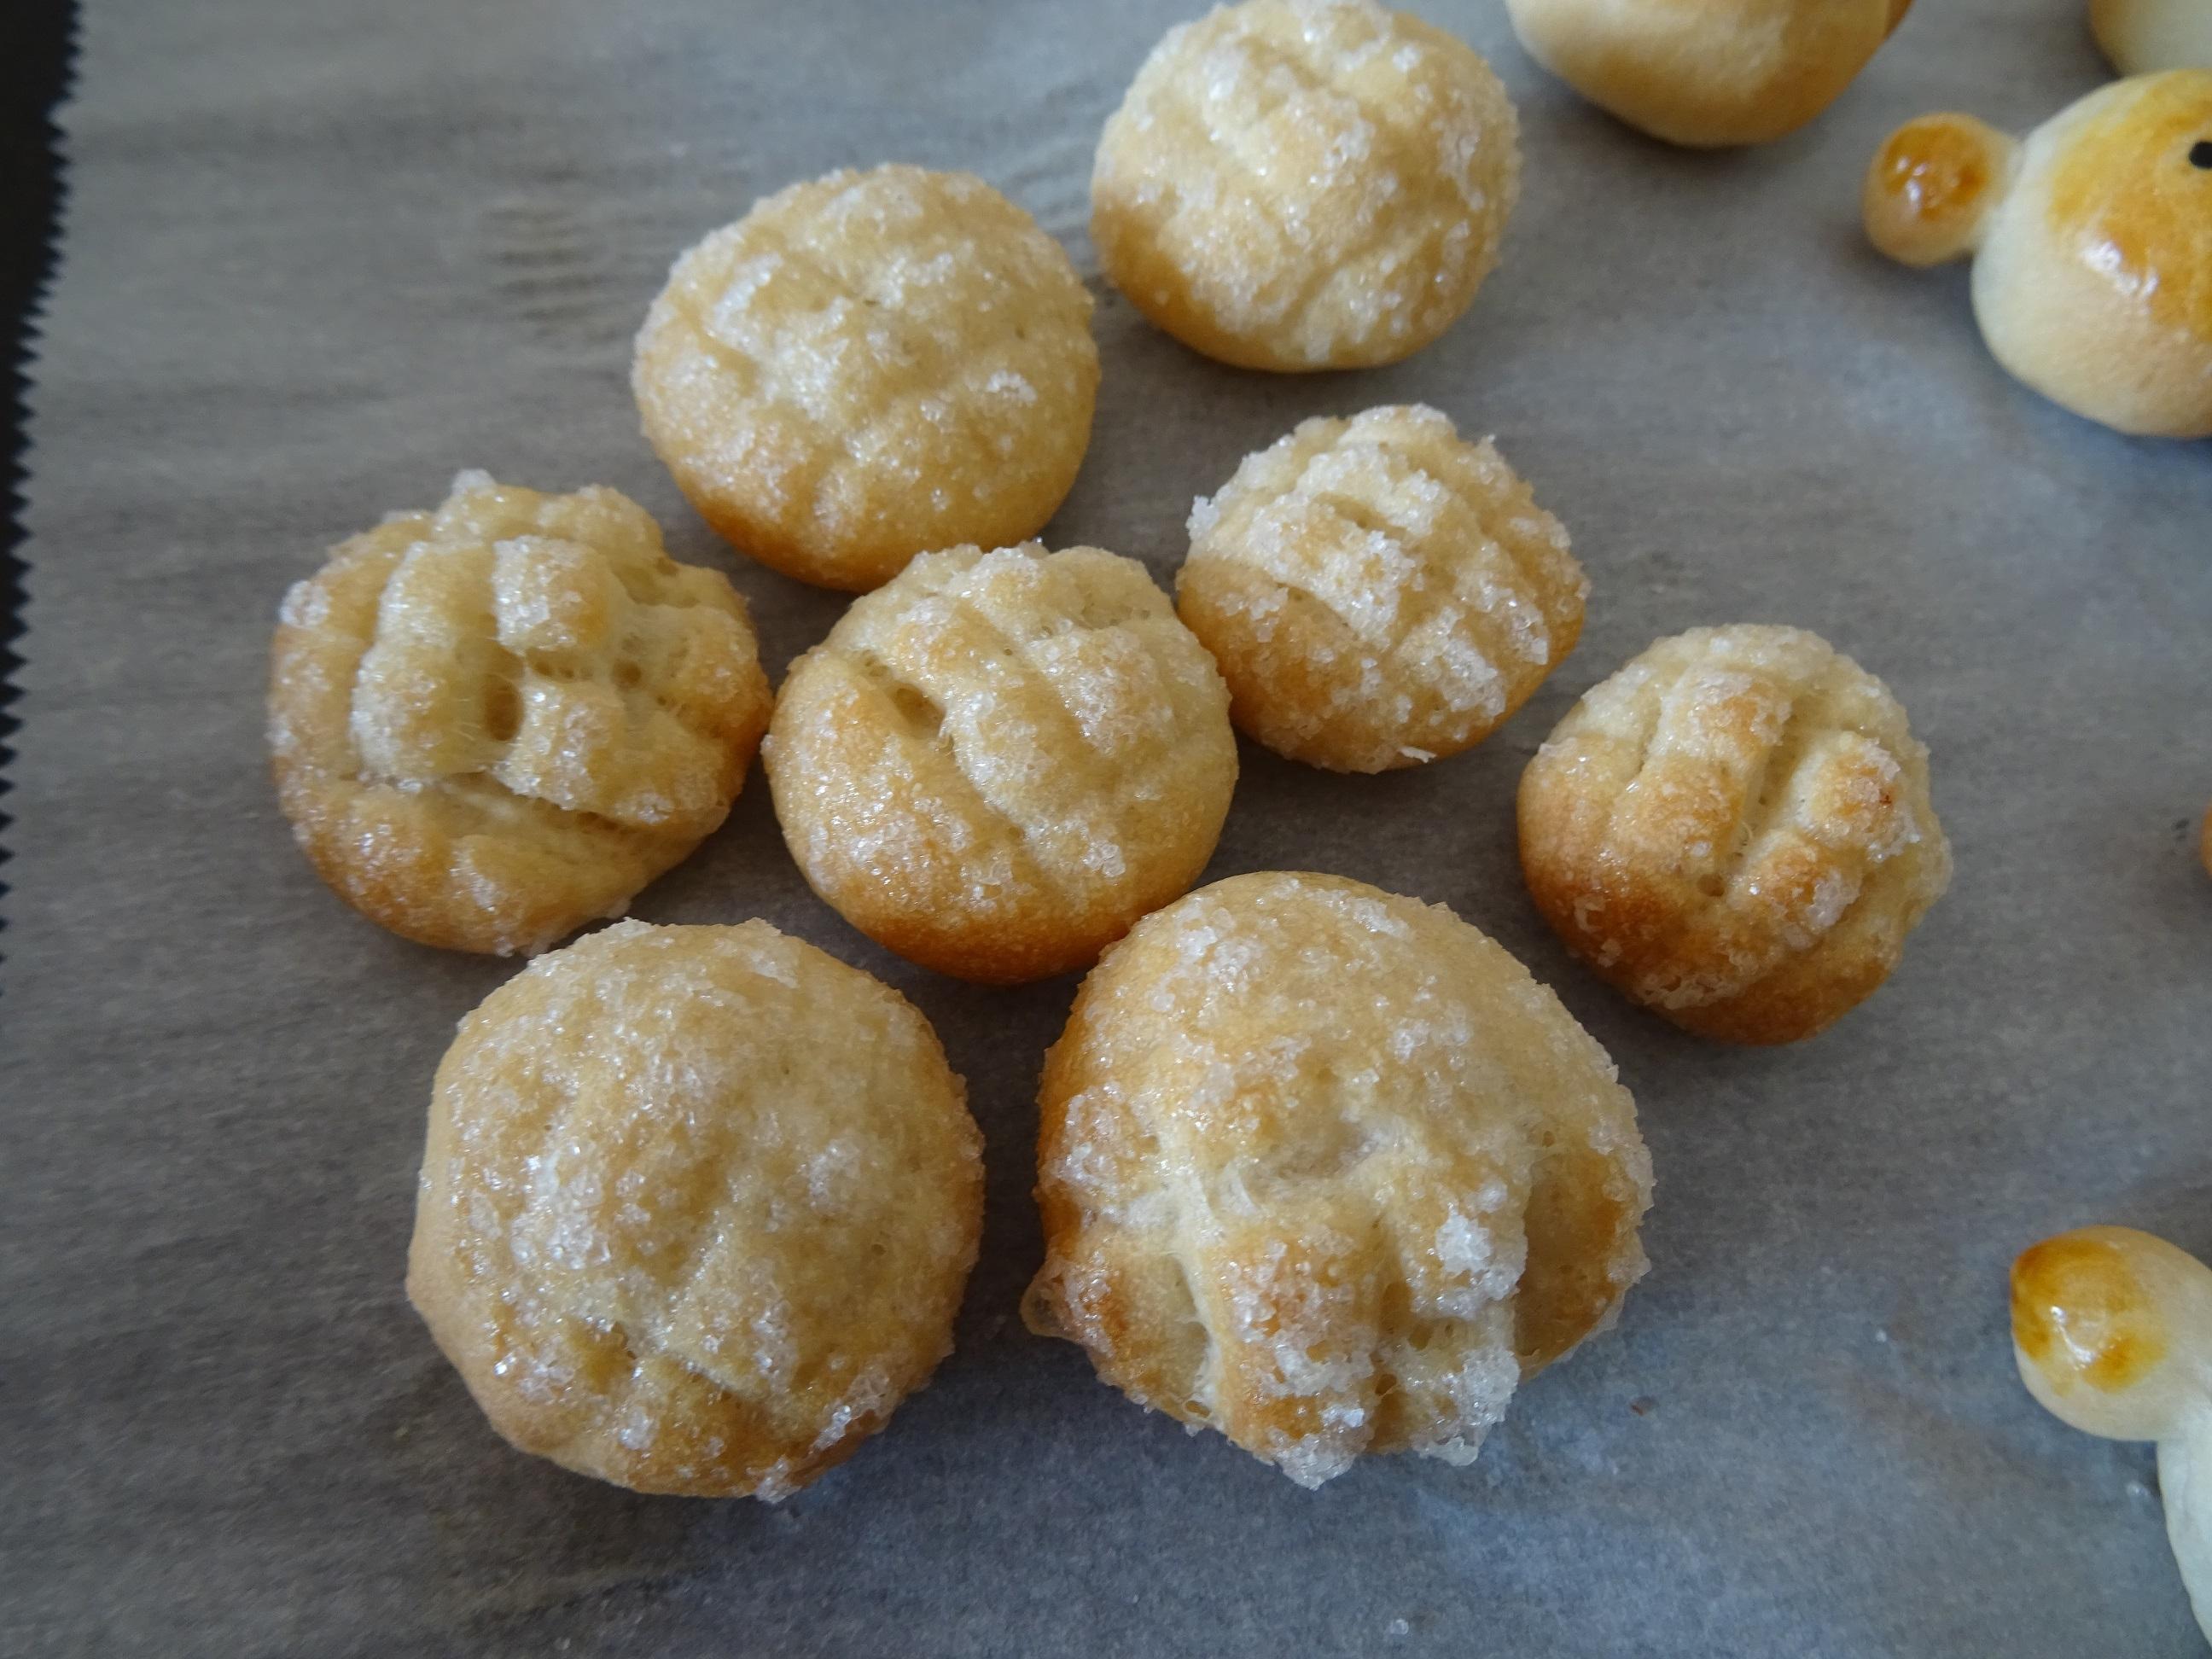 パン生地で作るミニチュア小物4